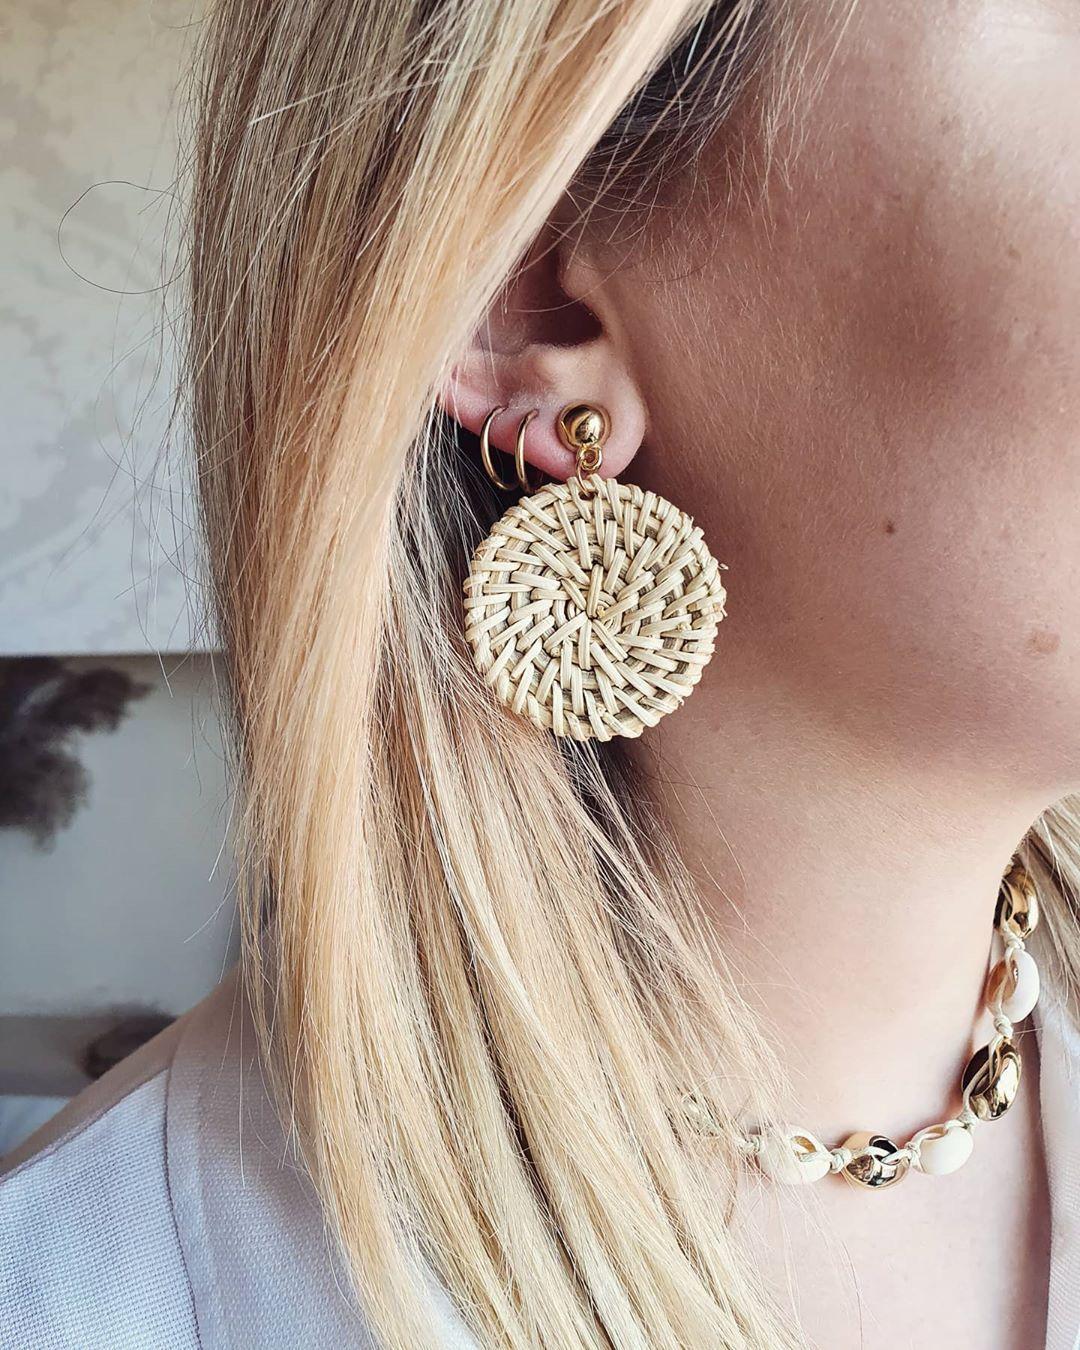 W klimacie boho 🧡🧡🧡🧡🧡 #kolczyki #biżuteriazestali #bizuteria #jewelrystore #jewelry #jewellery #fashionstyle #fashionjewelry #fashion #bohostyle #wiosna #modnakobieta #stylish #style #stylizacja #skleponline #sklepinternetowy #zakupy #zakupyonline #prezent #dlaniej #instagood #instaphoto #musthave #fellowme #luxury #weekend #photooftheday #poland #polishgirl